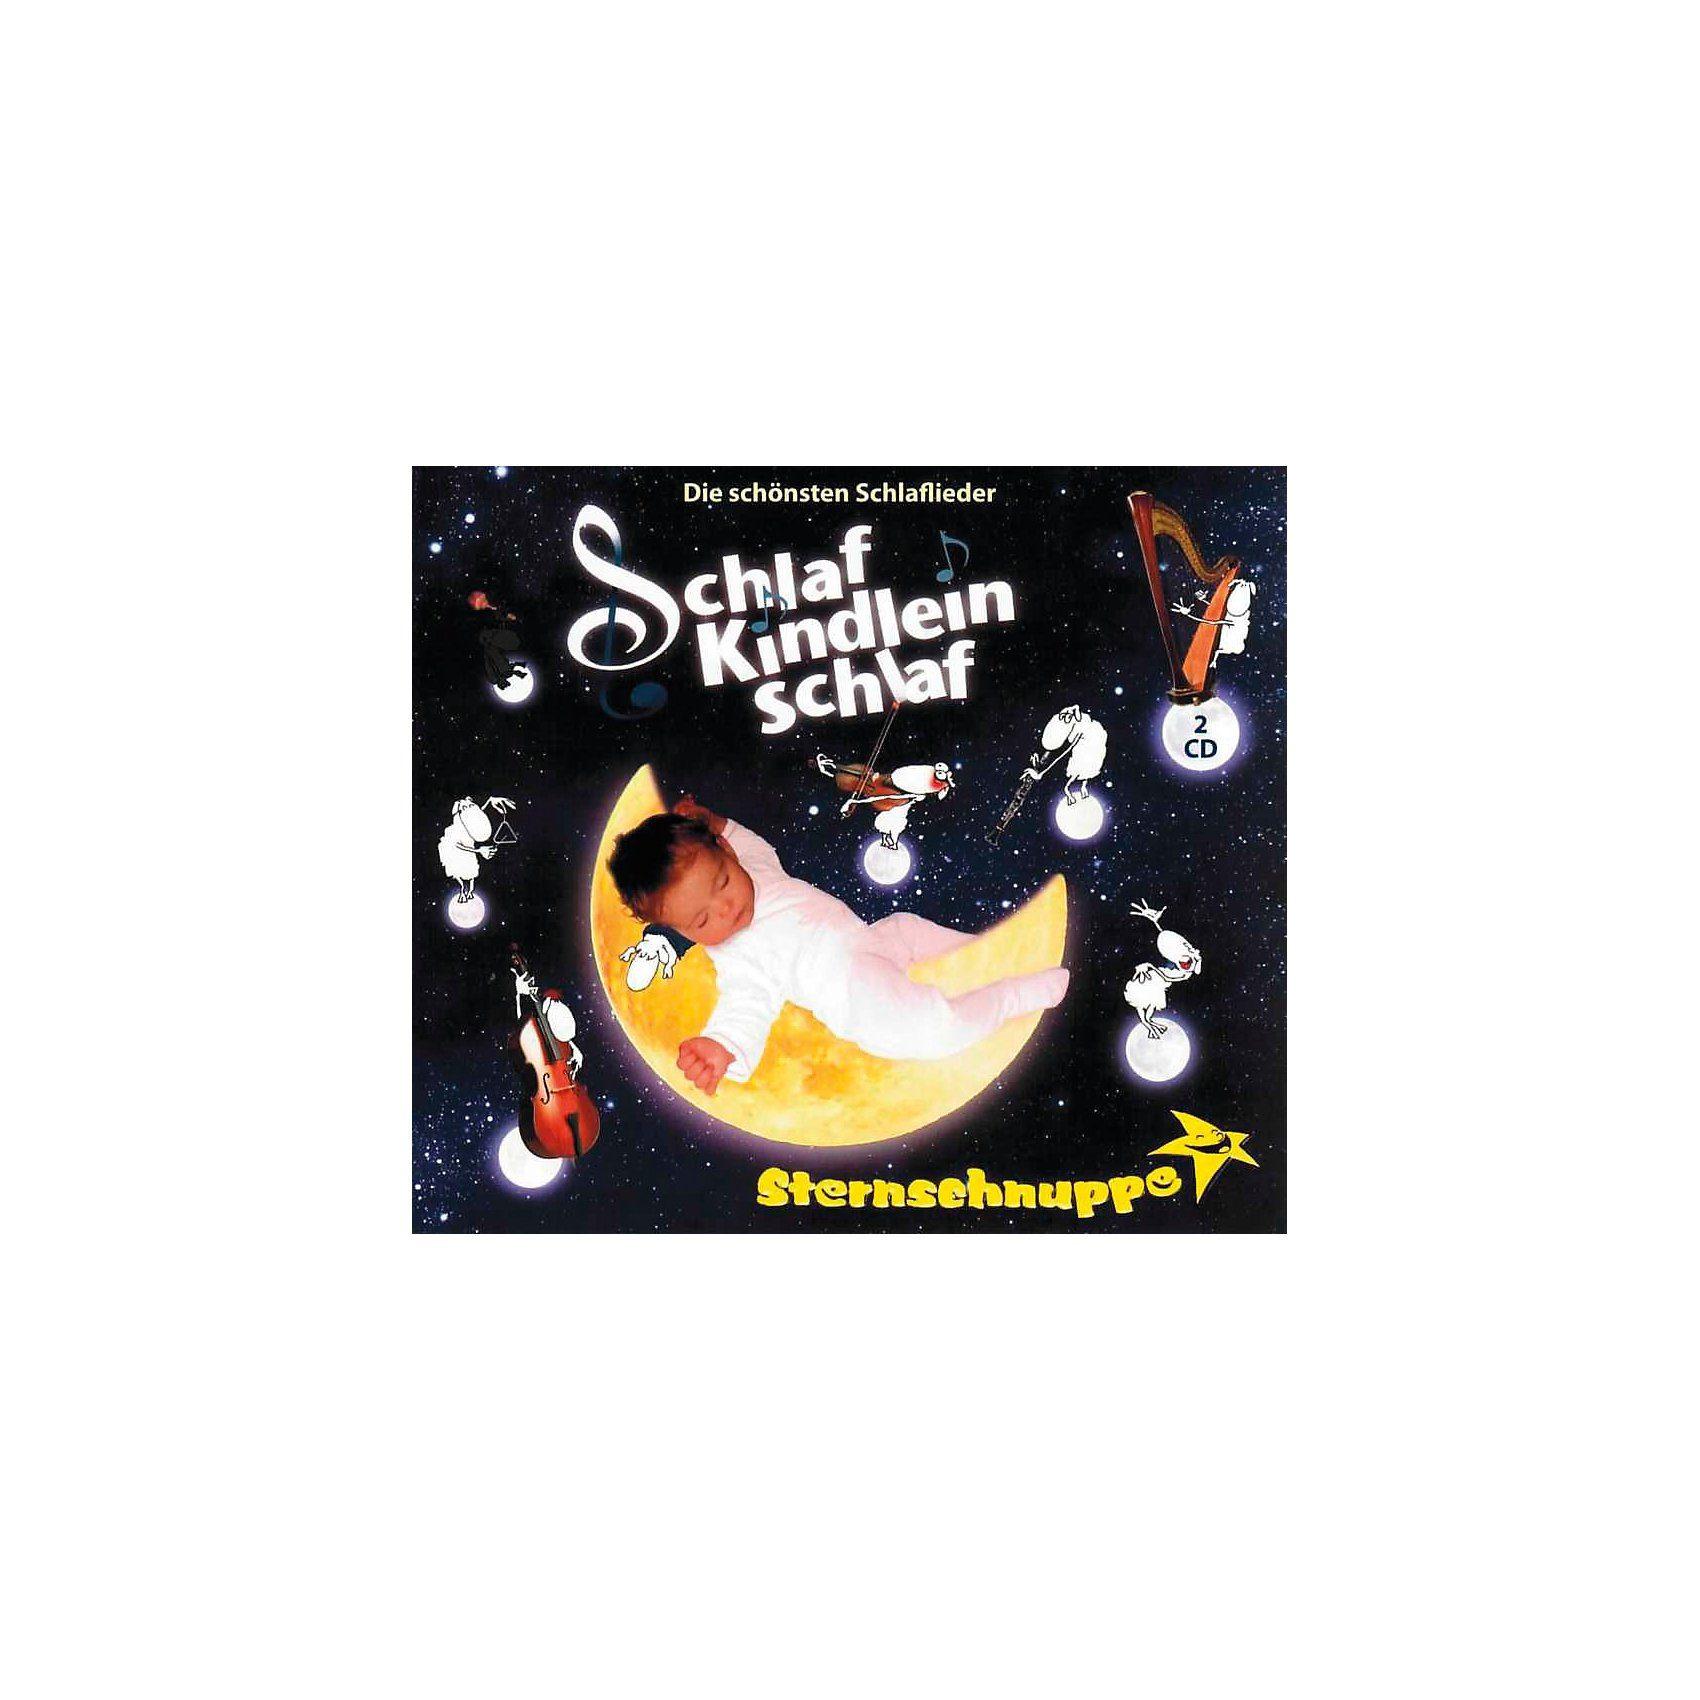 CD Schlaf Kindlein schlaf - Die schönsten Schlaflieder